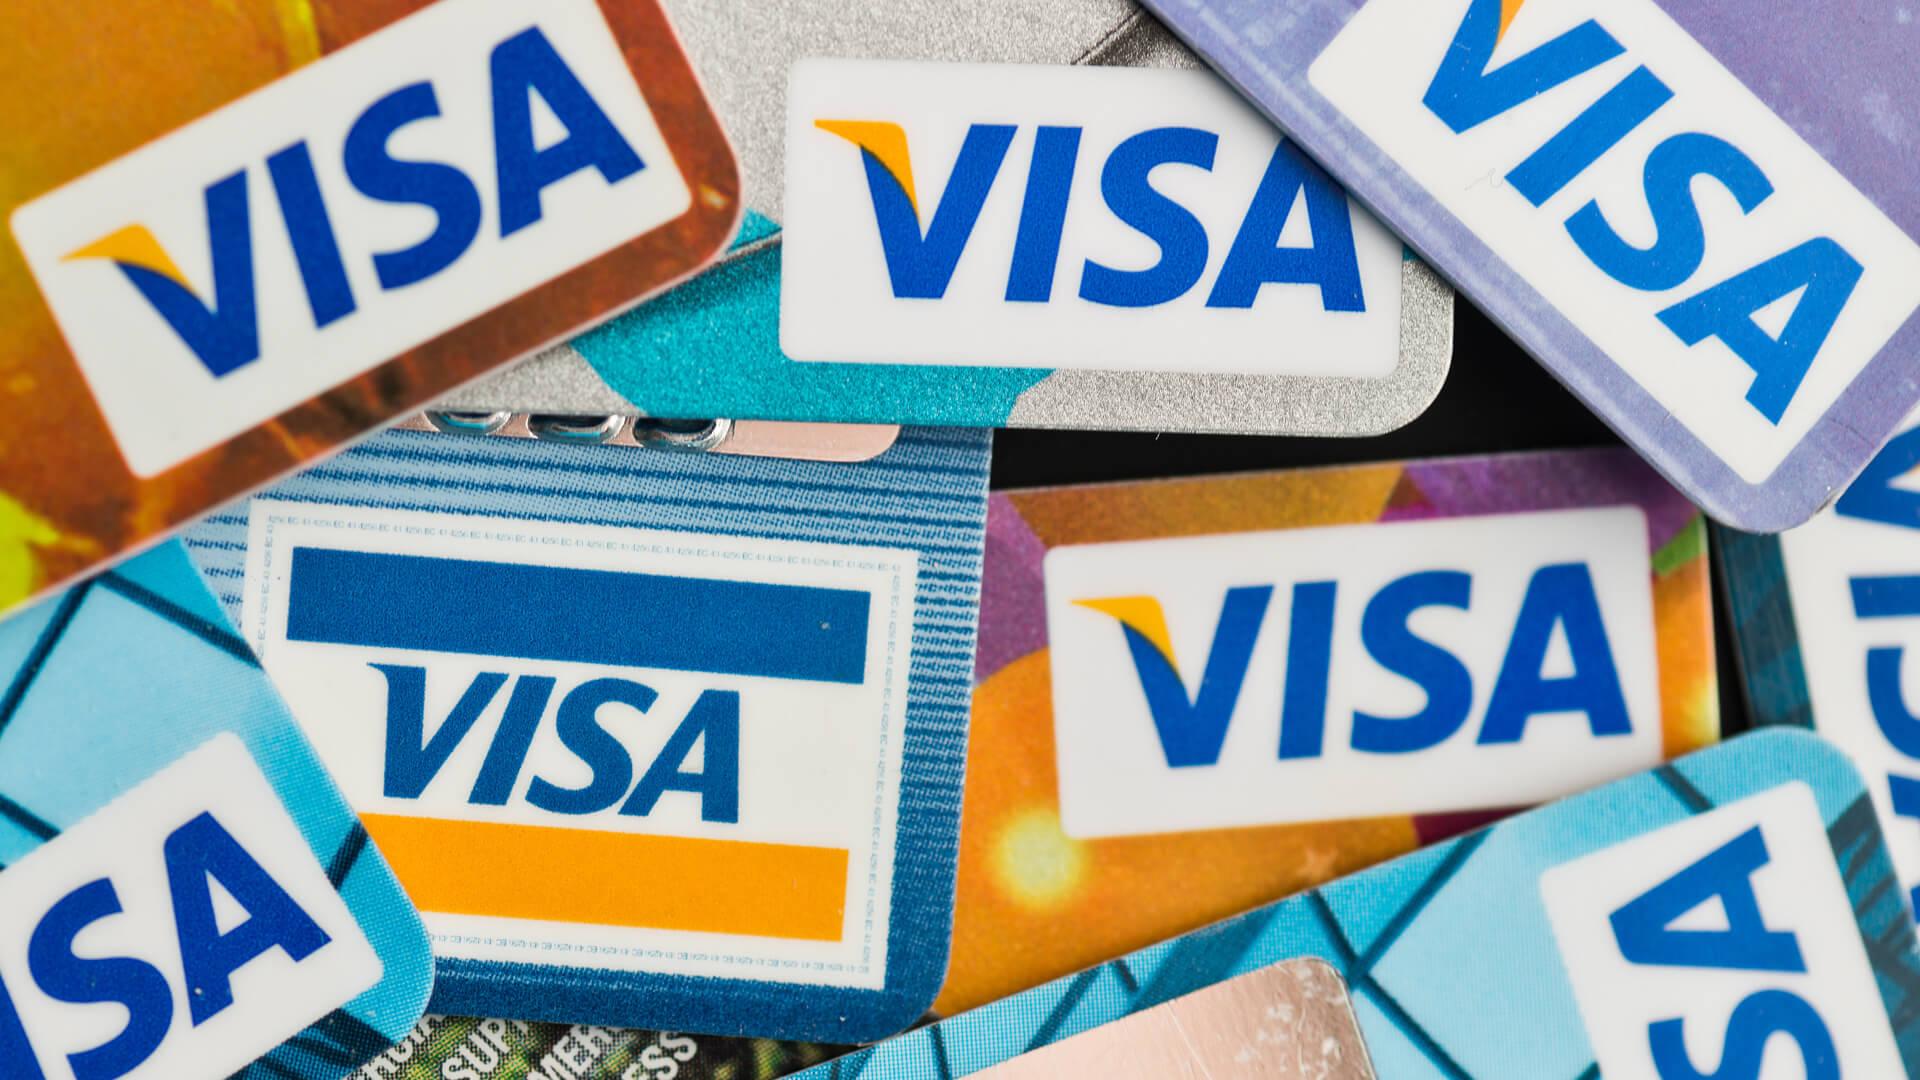 YEKATAERINBURG, RUSSIA - JAN 07, 2015: Pile of Visa credit cards.